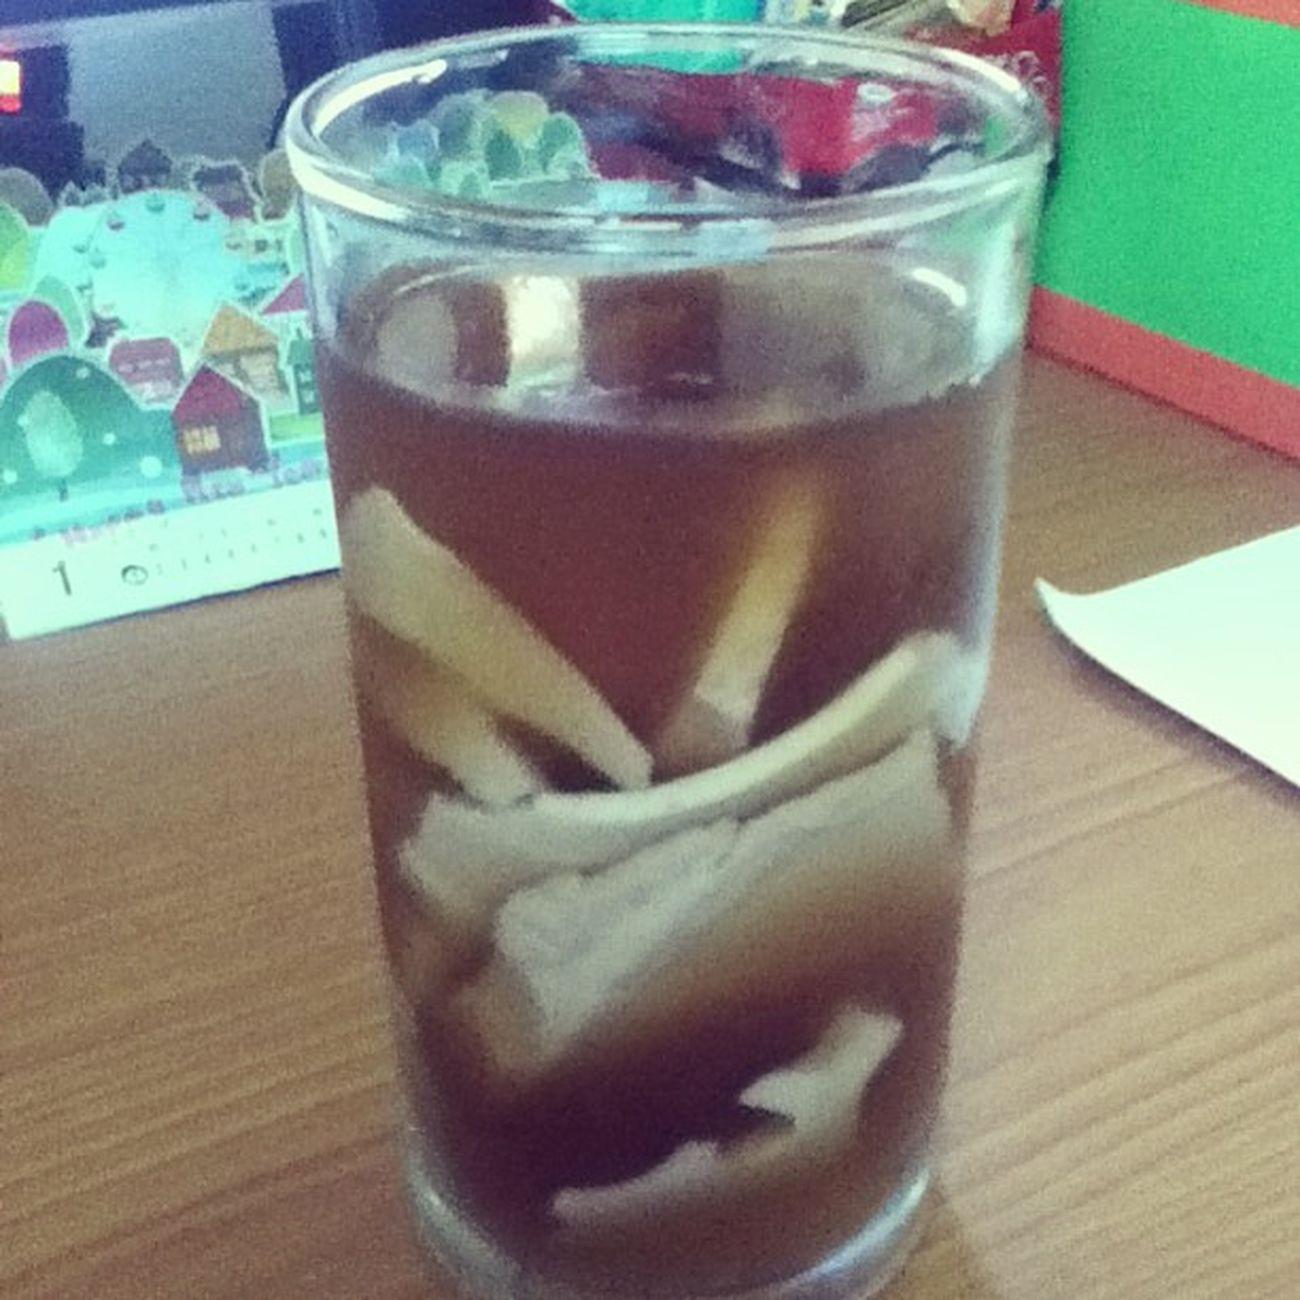 เต้าฮวย น้ำขิง ร้อนคอดี ปวดไมเกรนแต่เช้า มันช่วยมั้ยมะรู้ แต่ช่วยให้หายหิวได้